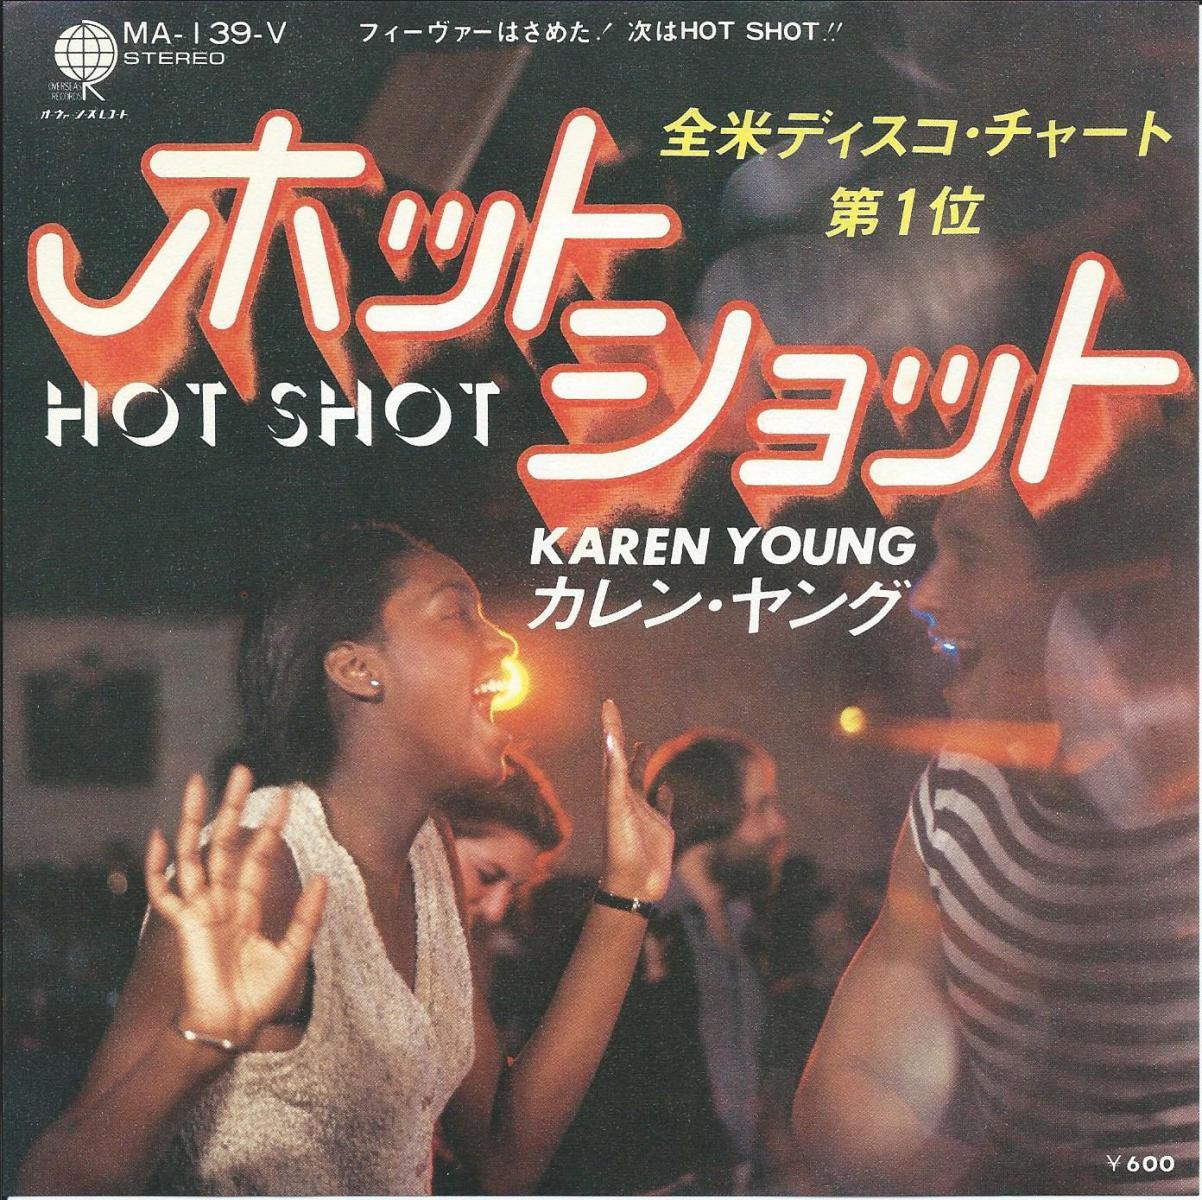 カレン・ヤング KAREN YOUNG / ホット・ショット HOT SHOT (7